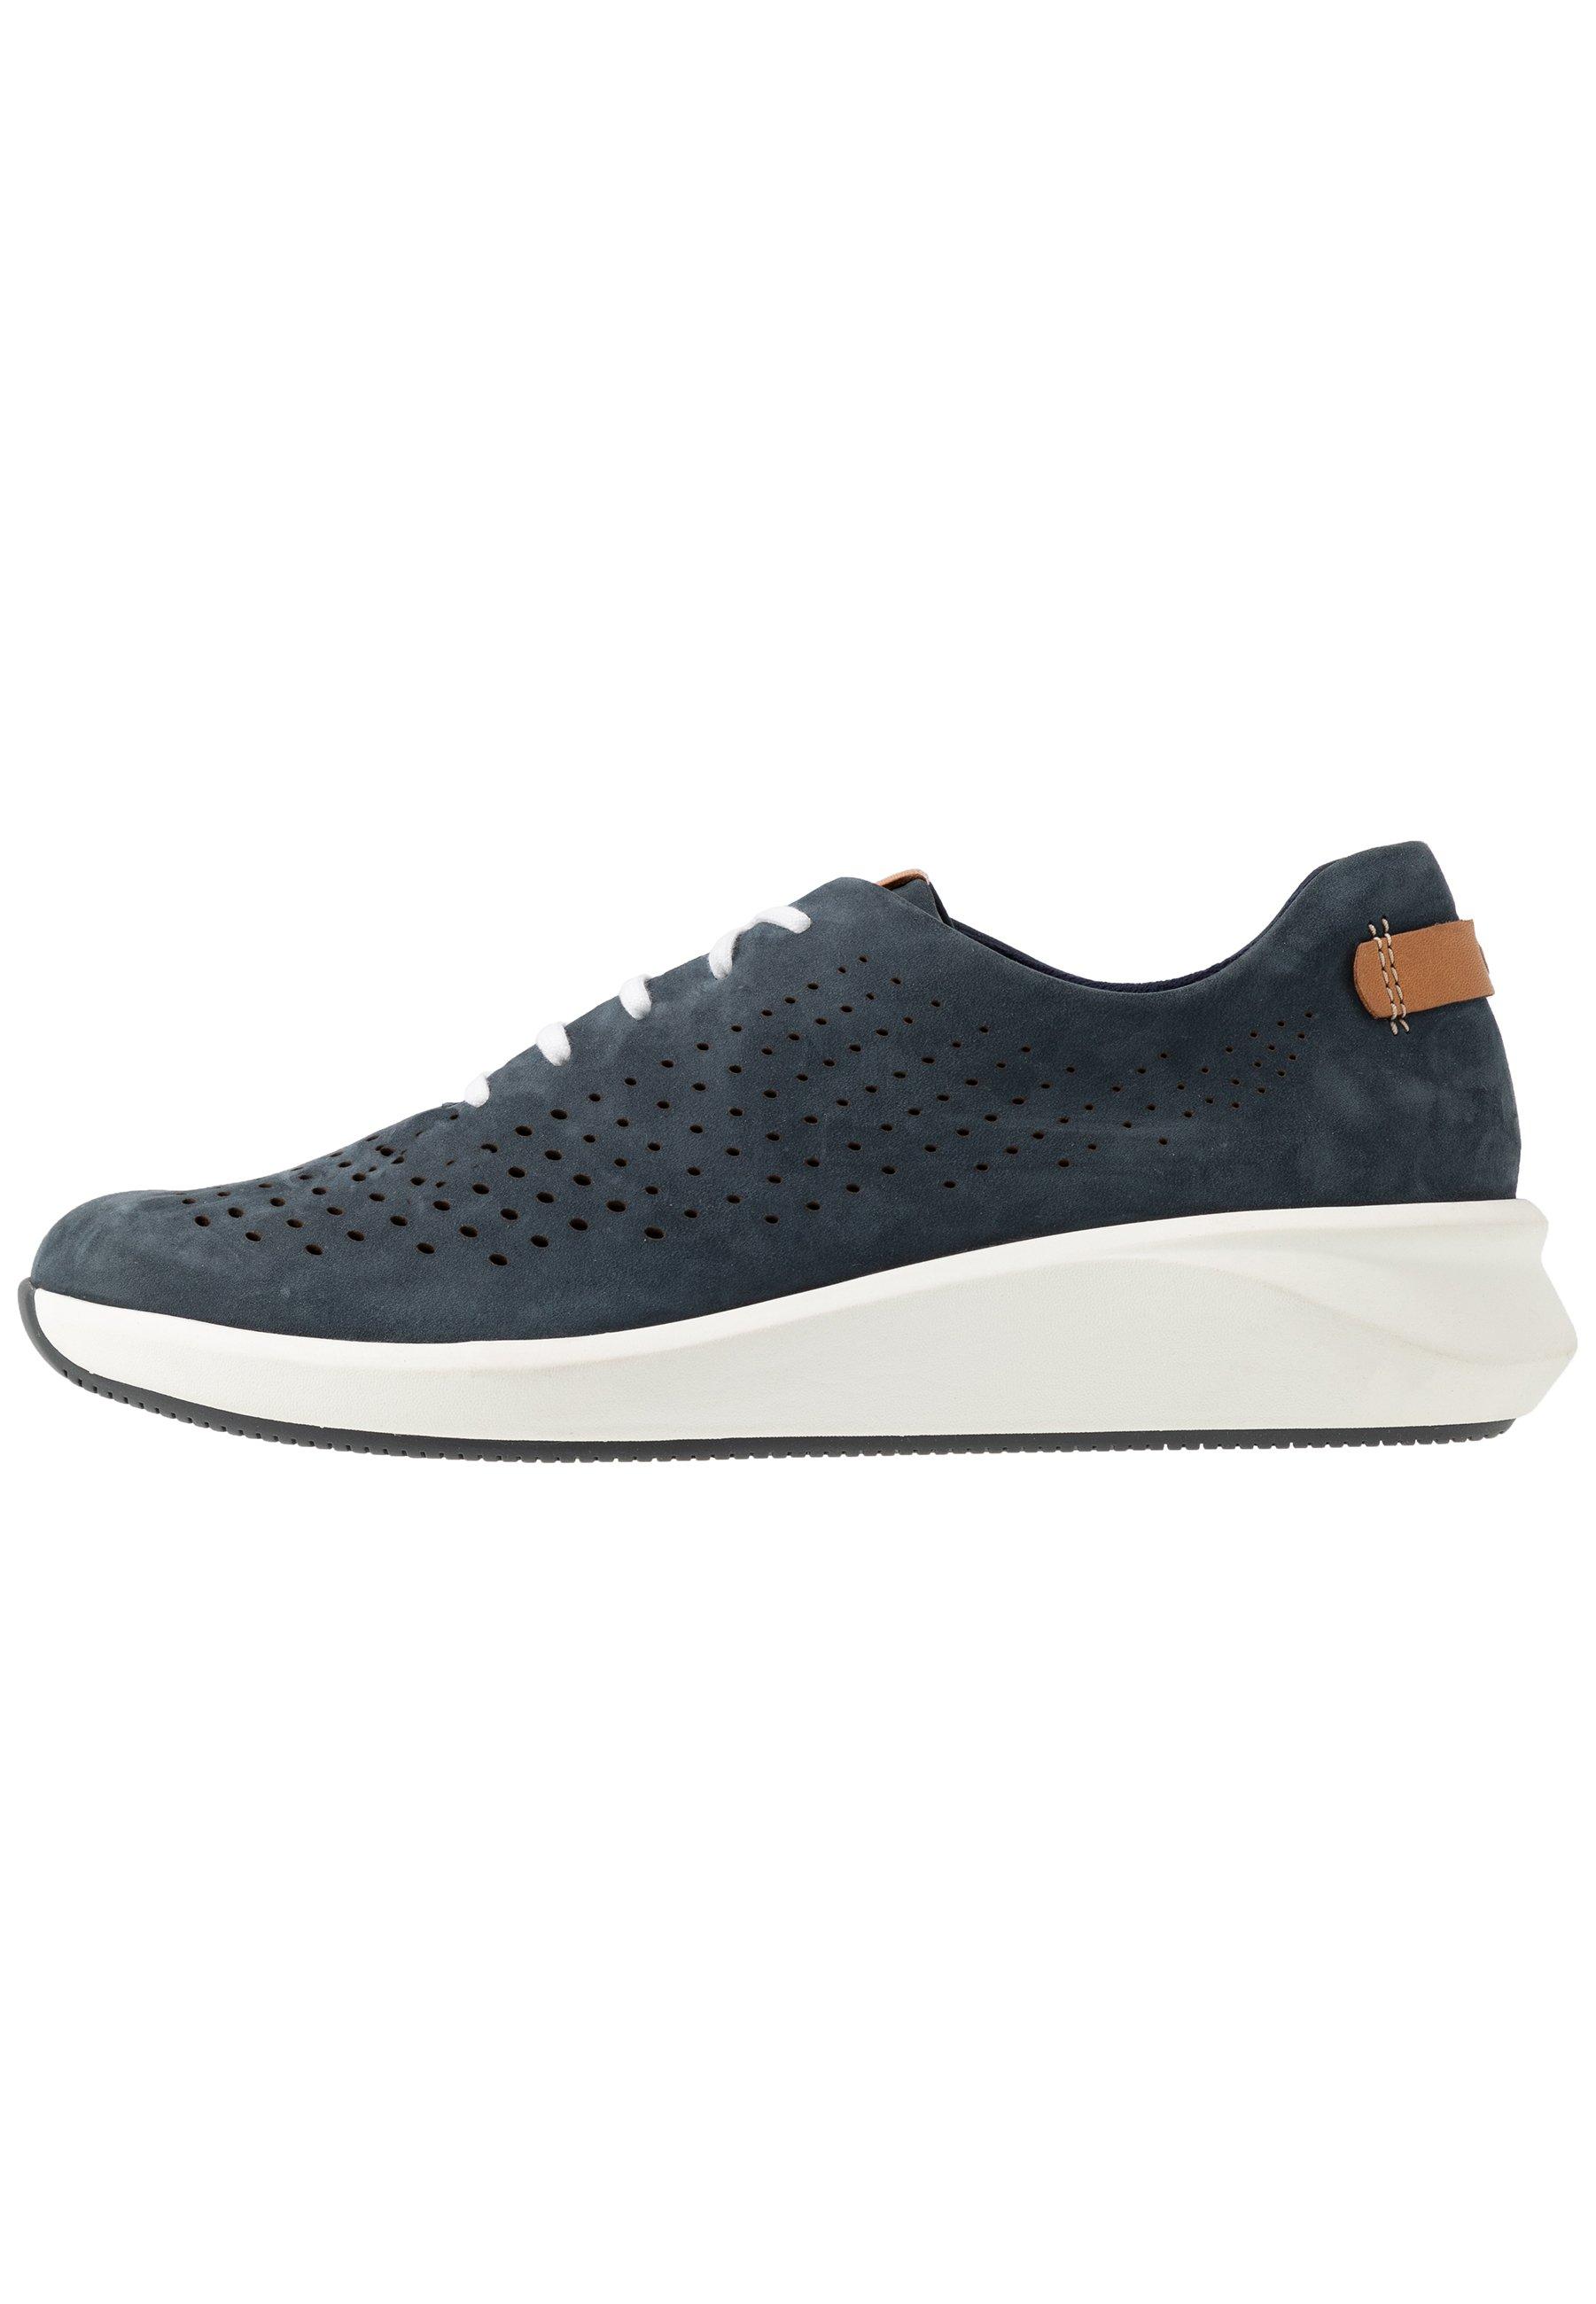 Clarks Unstructured RIO TIE - Sneakers - navy